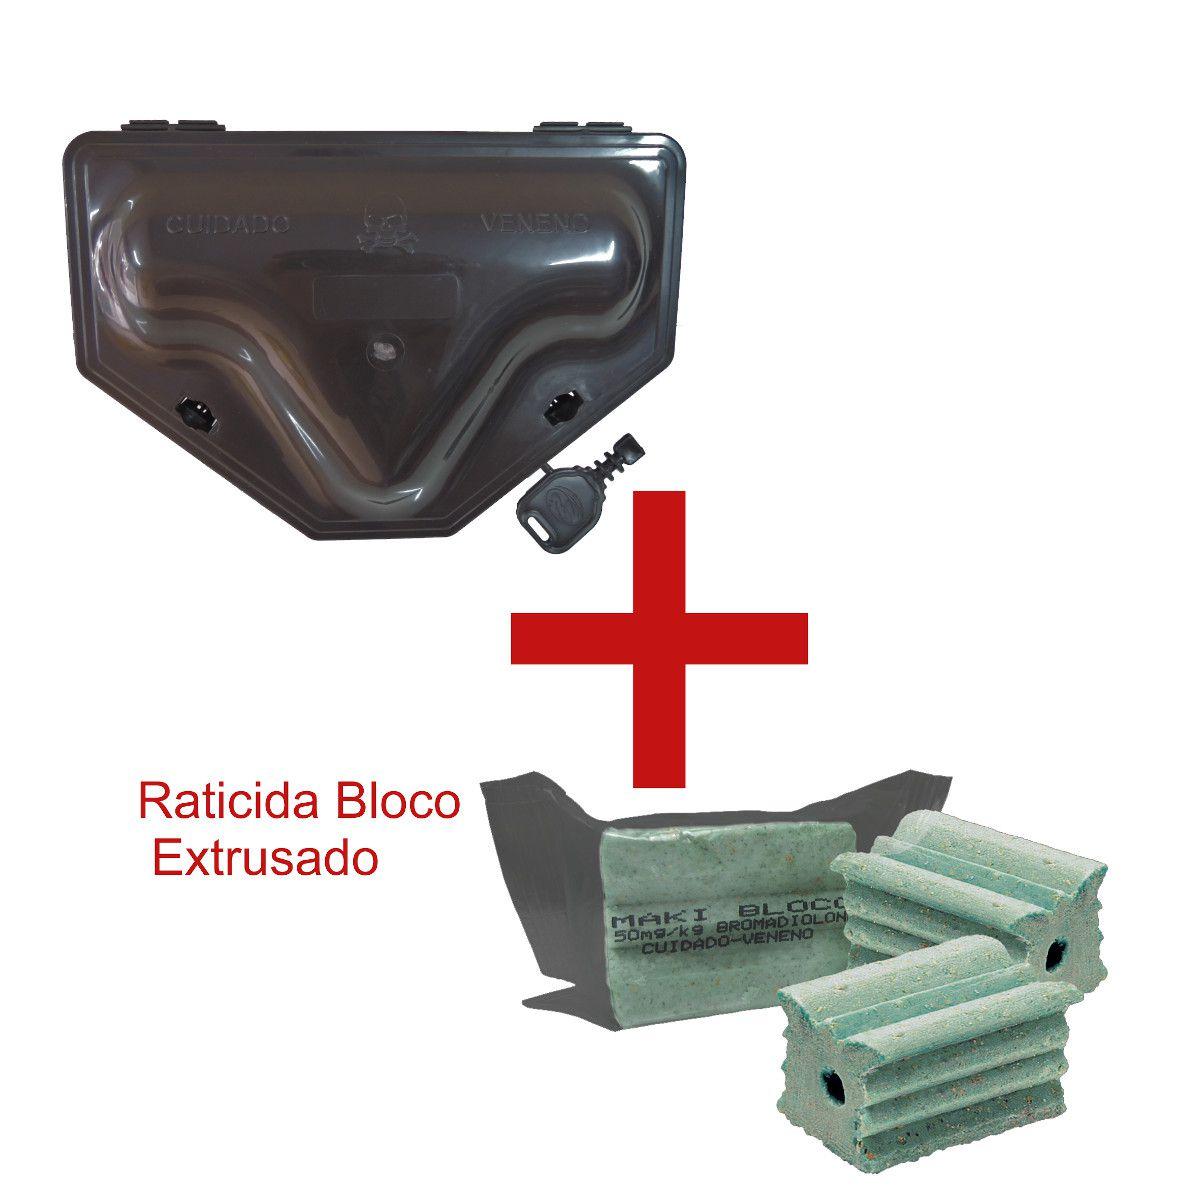 KIT 900 Porta Iscas Forte 2 TRAVAS Chave Ratoeira Mata Ratos